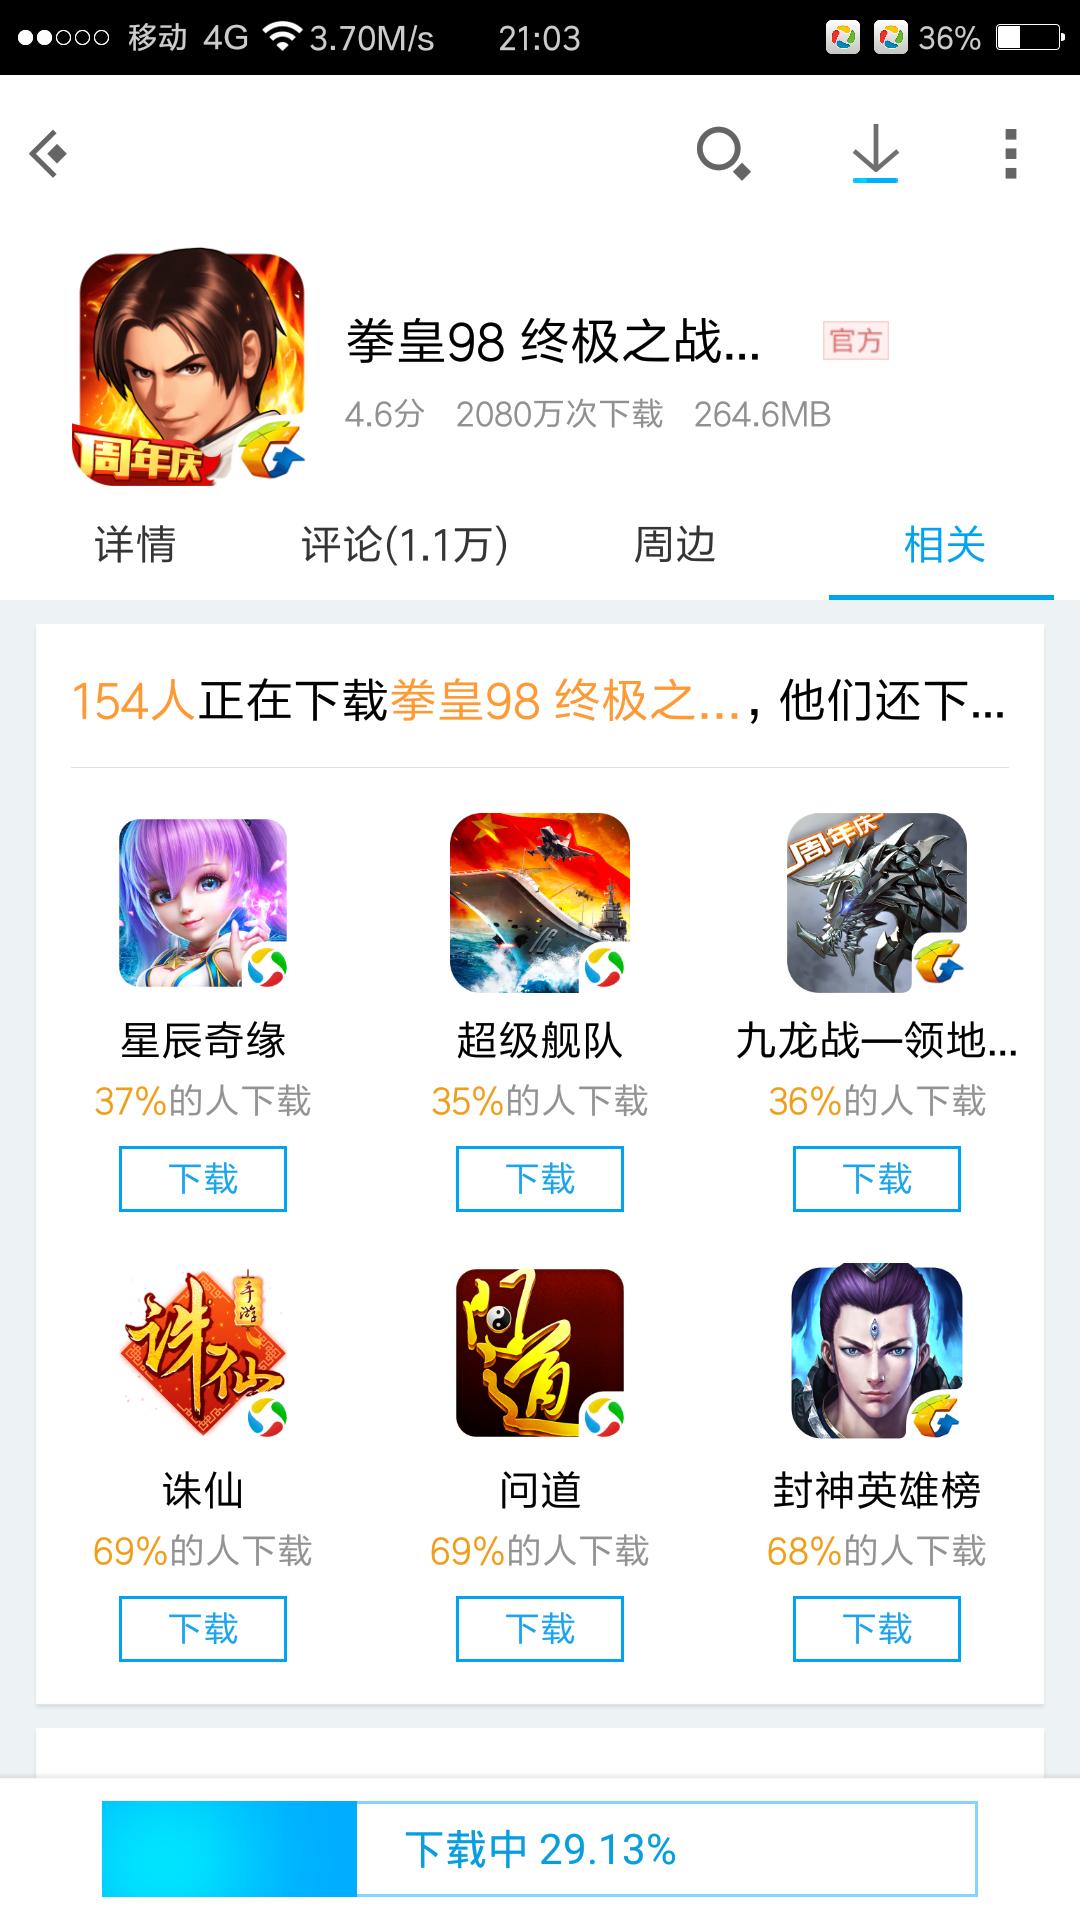 Screenshot_2017-03-05-21-03-41-152_com.tencent.an.png